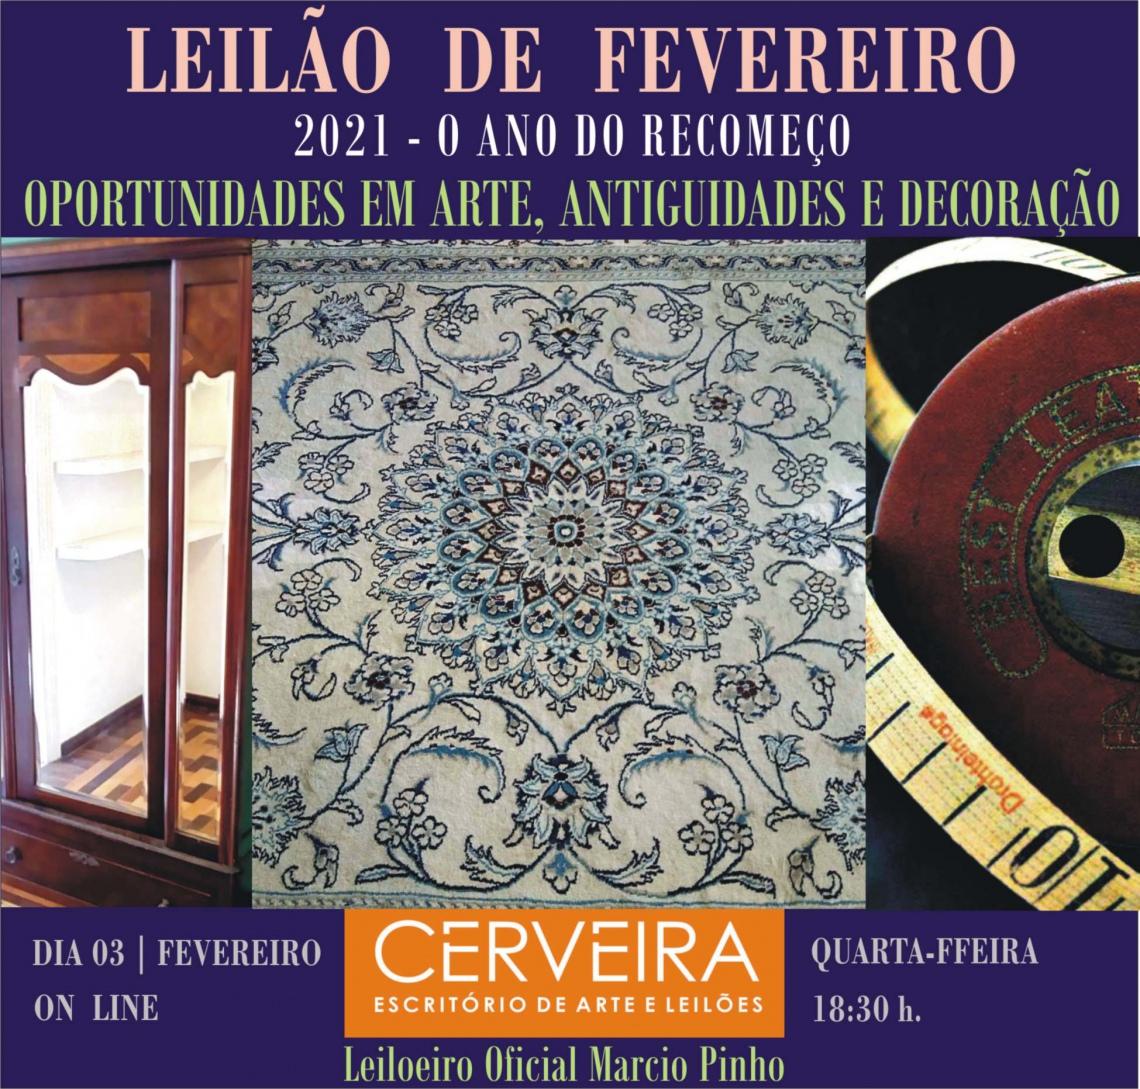 LEILÃO DE FEVEREIRO |17672 | 2021|  OPORTUNIDADES EM ARTE, ANTIGUIDADES E DECORAÇÃO